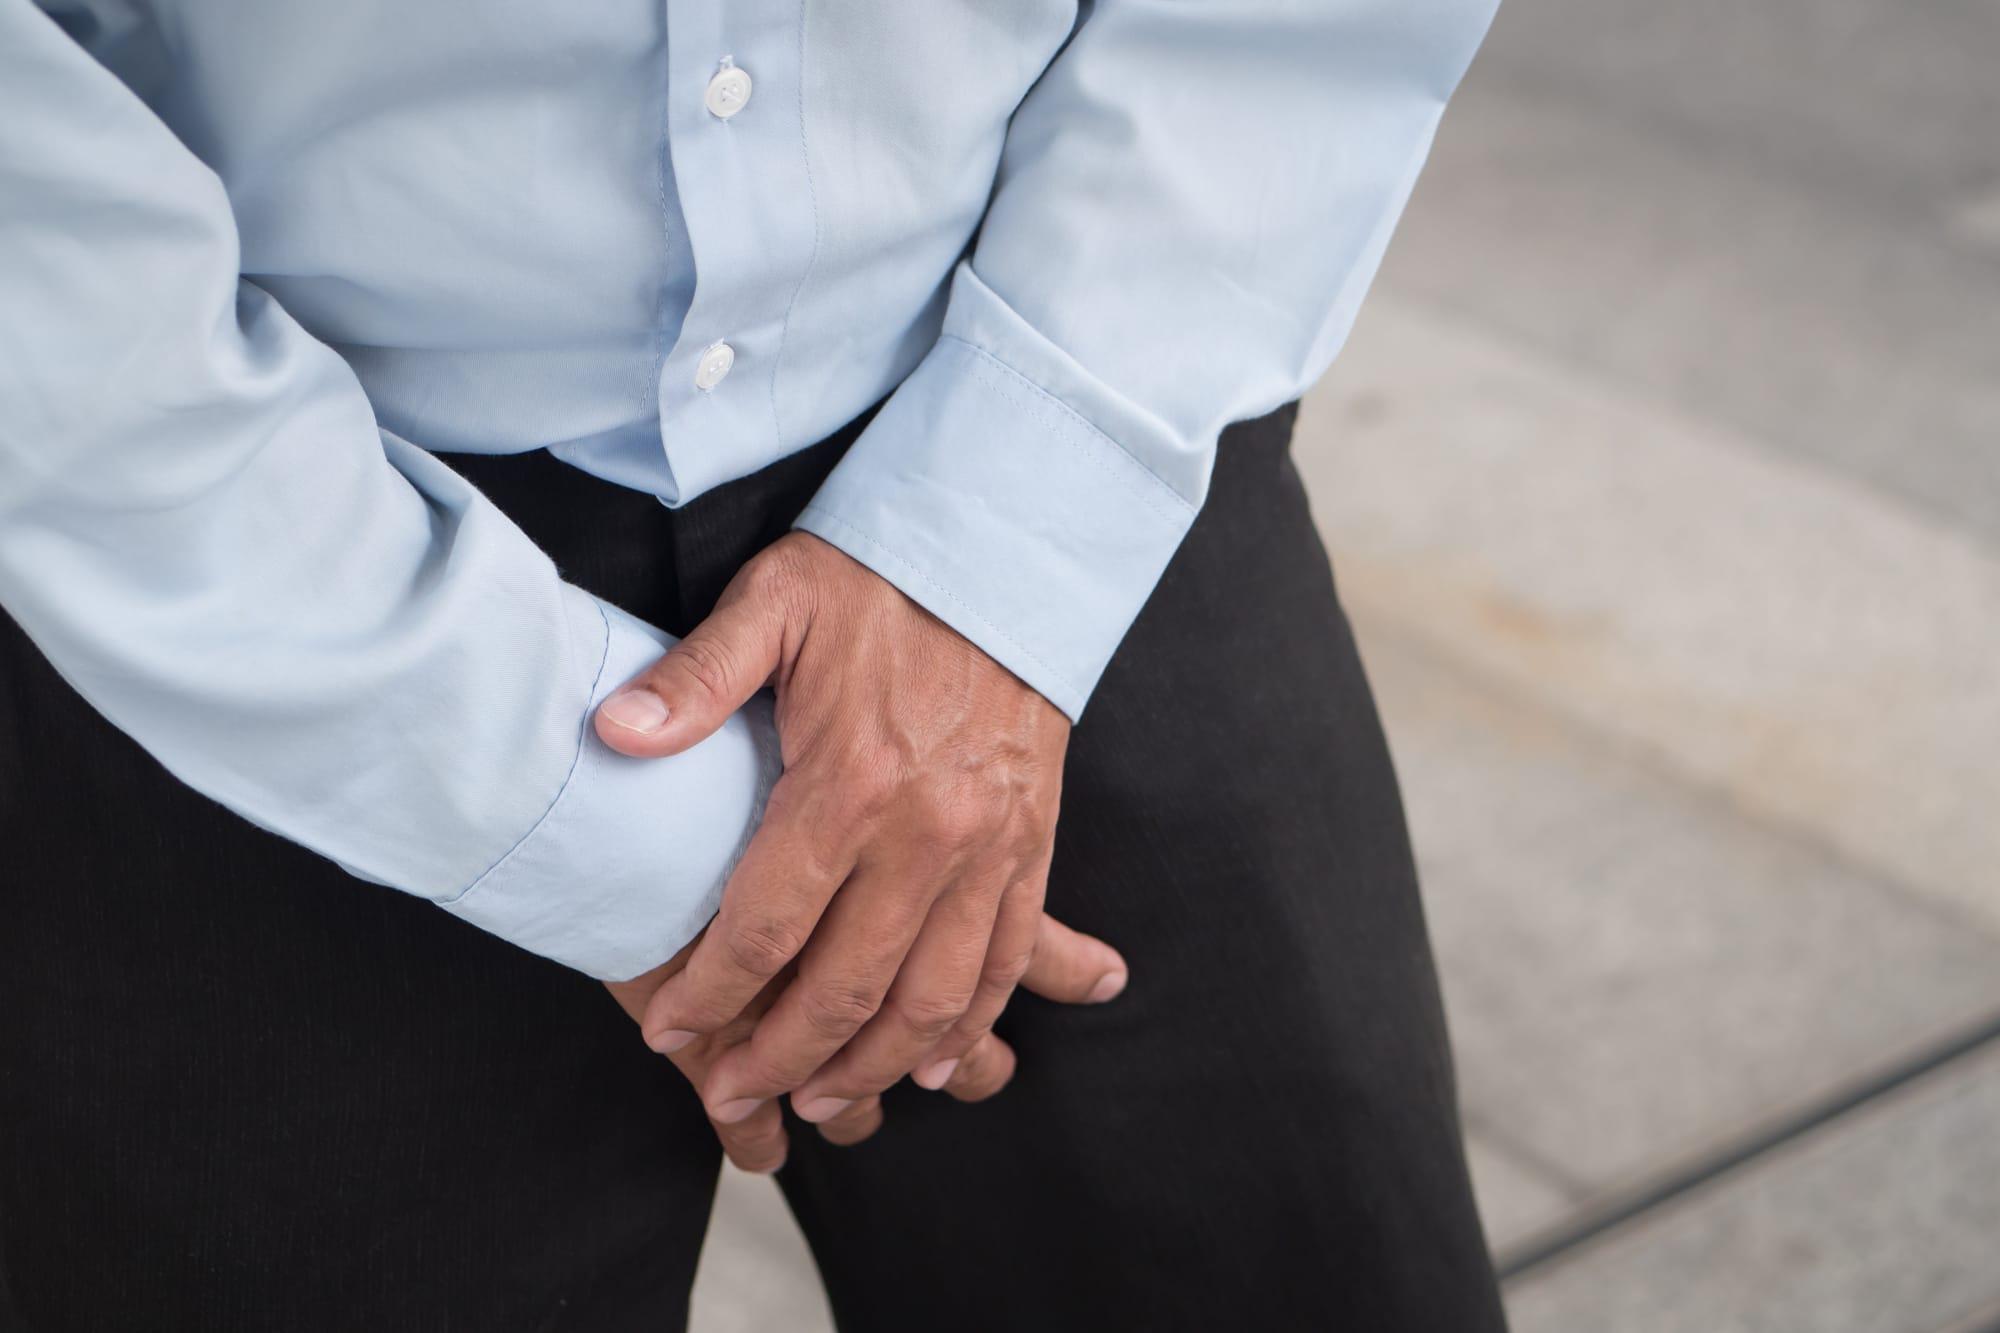 υποτροπιάζουσες ουρολοιμώξεις χειρουργός ουρολόγος - ανδρολόγος Δρ Ιωάννης Ζούμπος